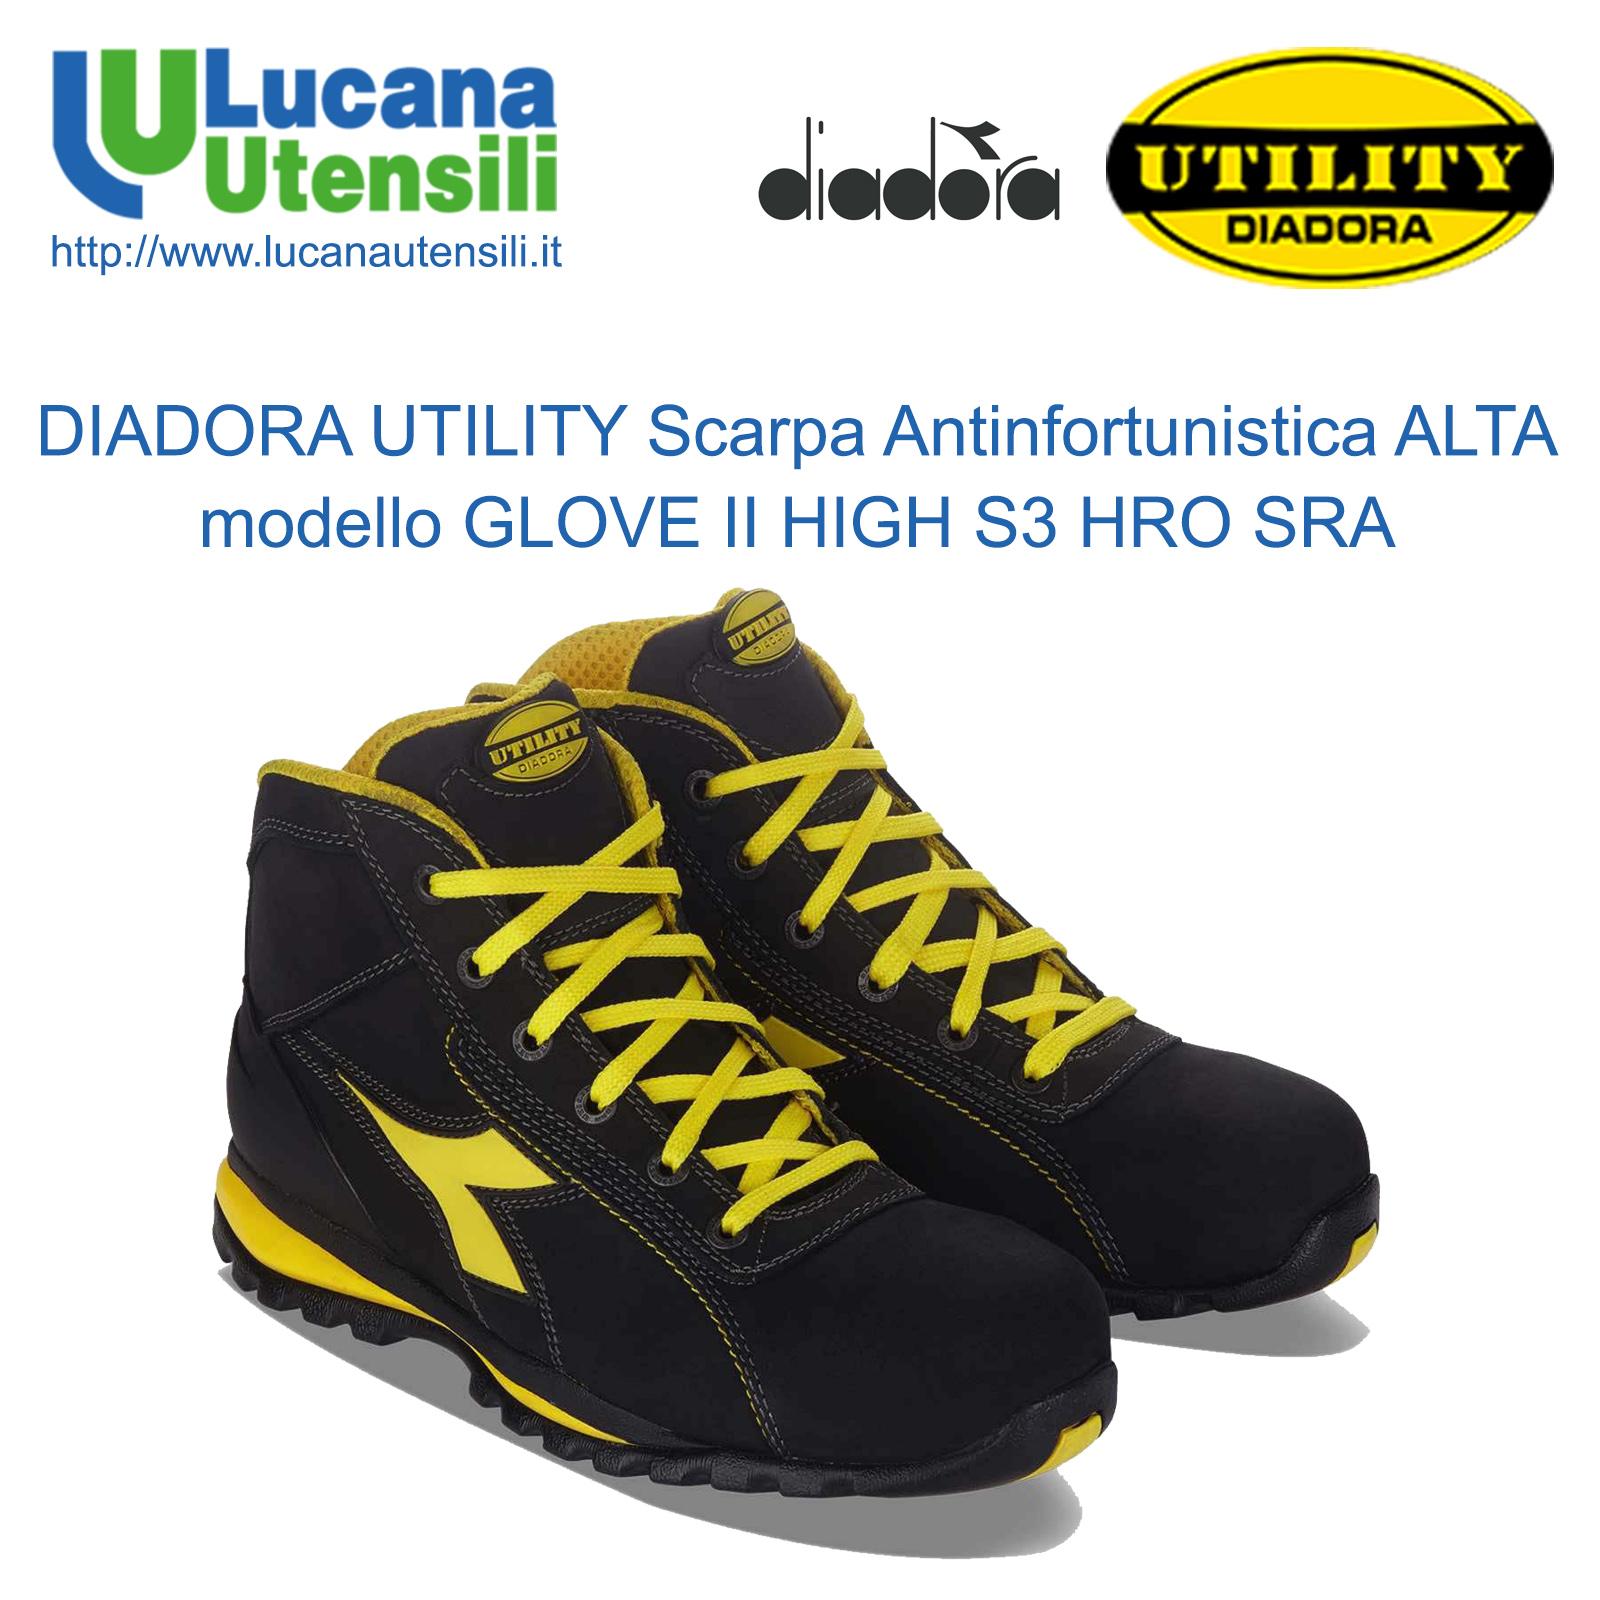 Acquista Miglior Off47 Sconti Utility Diadora Prezzo Glove fRwfBqS